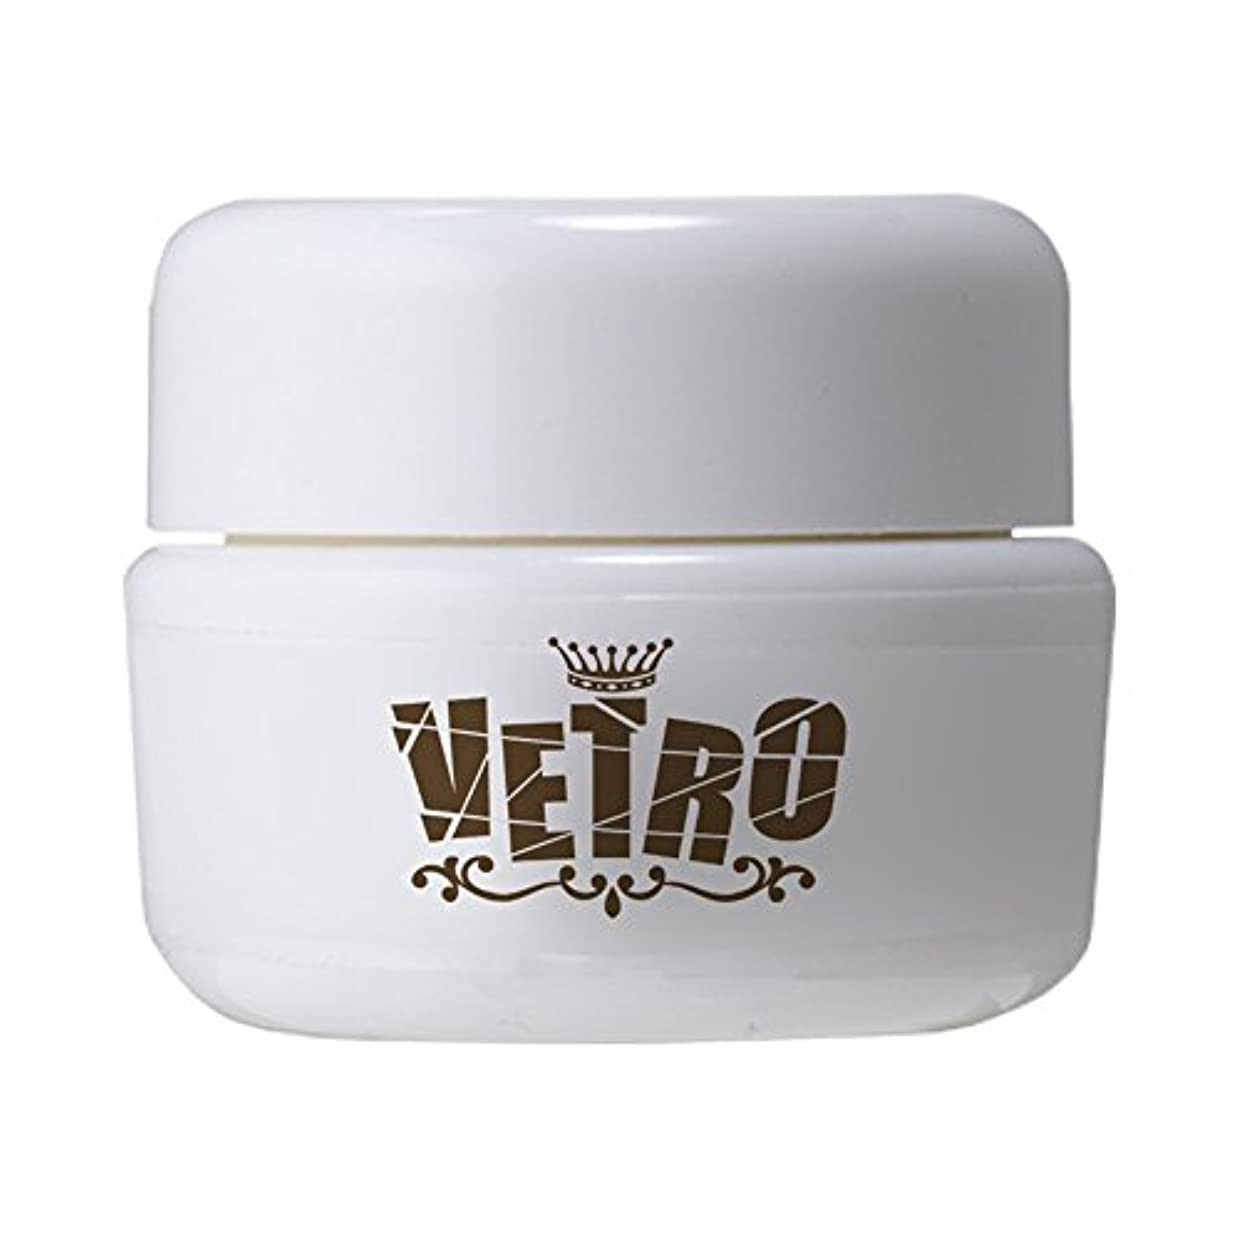 スティック宣伝無意識VETRO No.19 カラージェル マット VL391 マネキンヌード 4ml